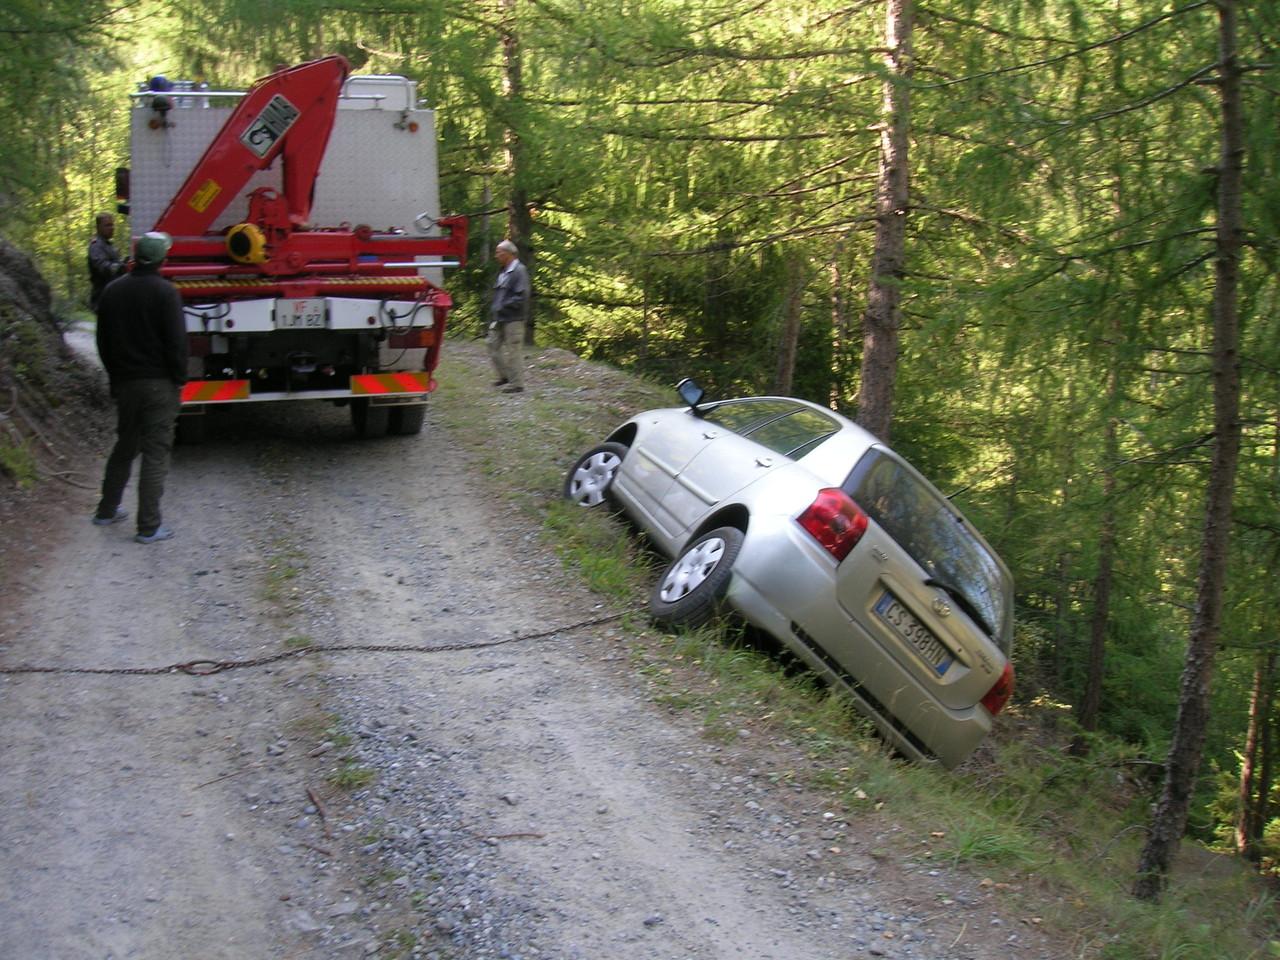 PKW droht in Wald zu stürzen 2009